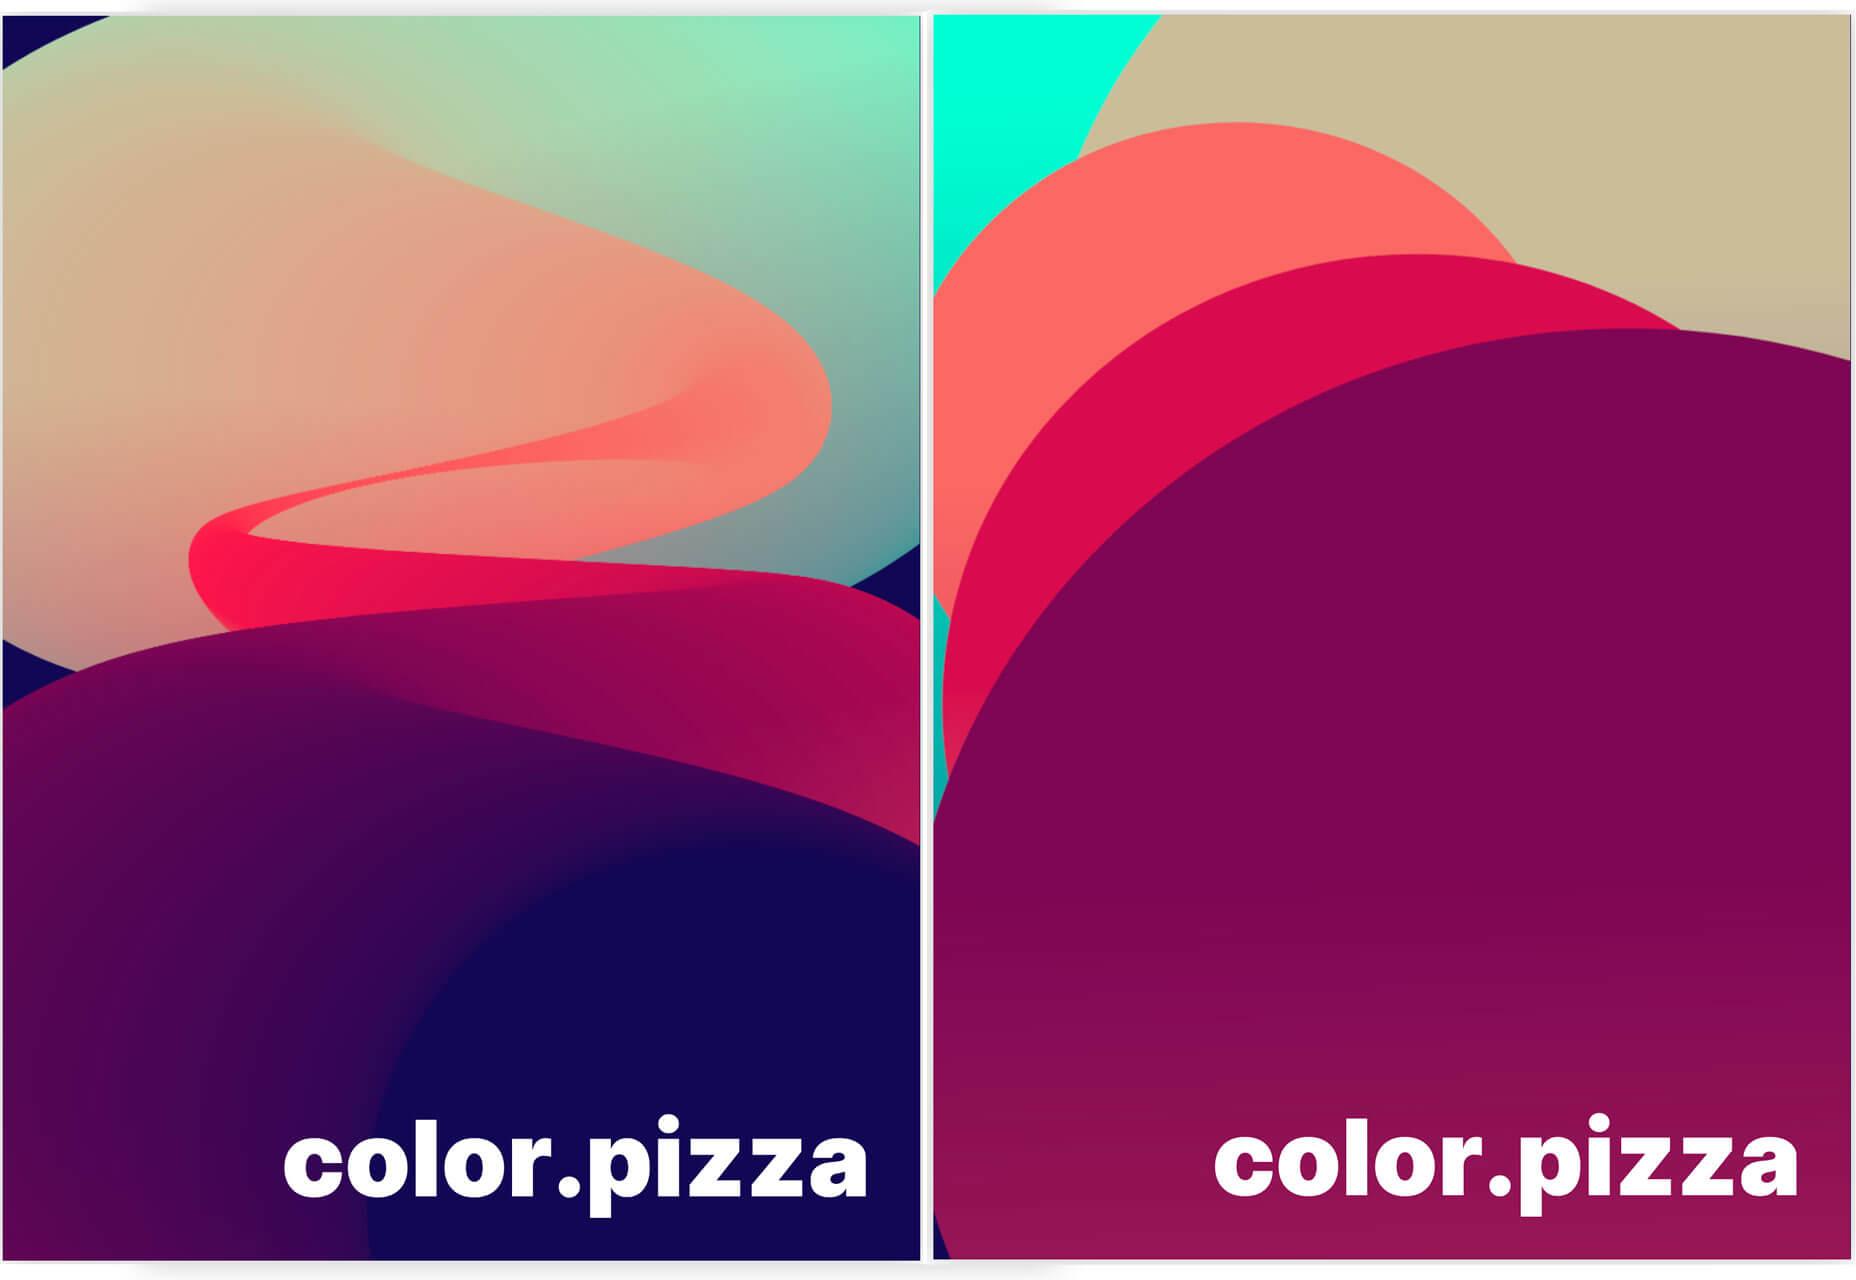 colorpizza